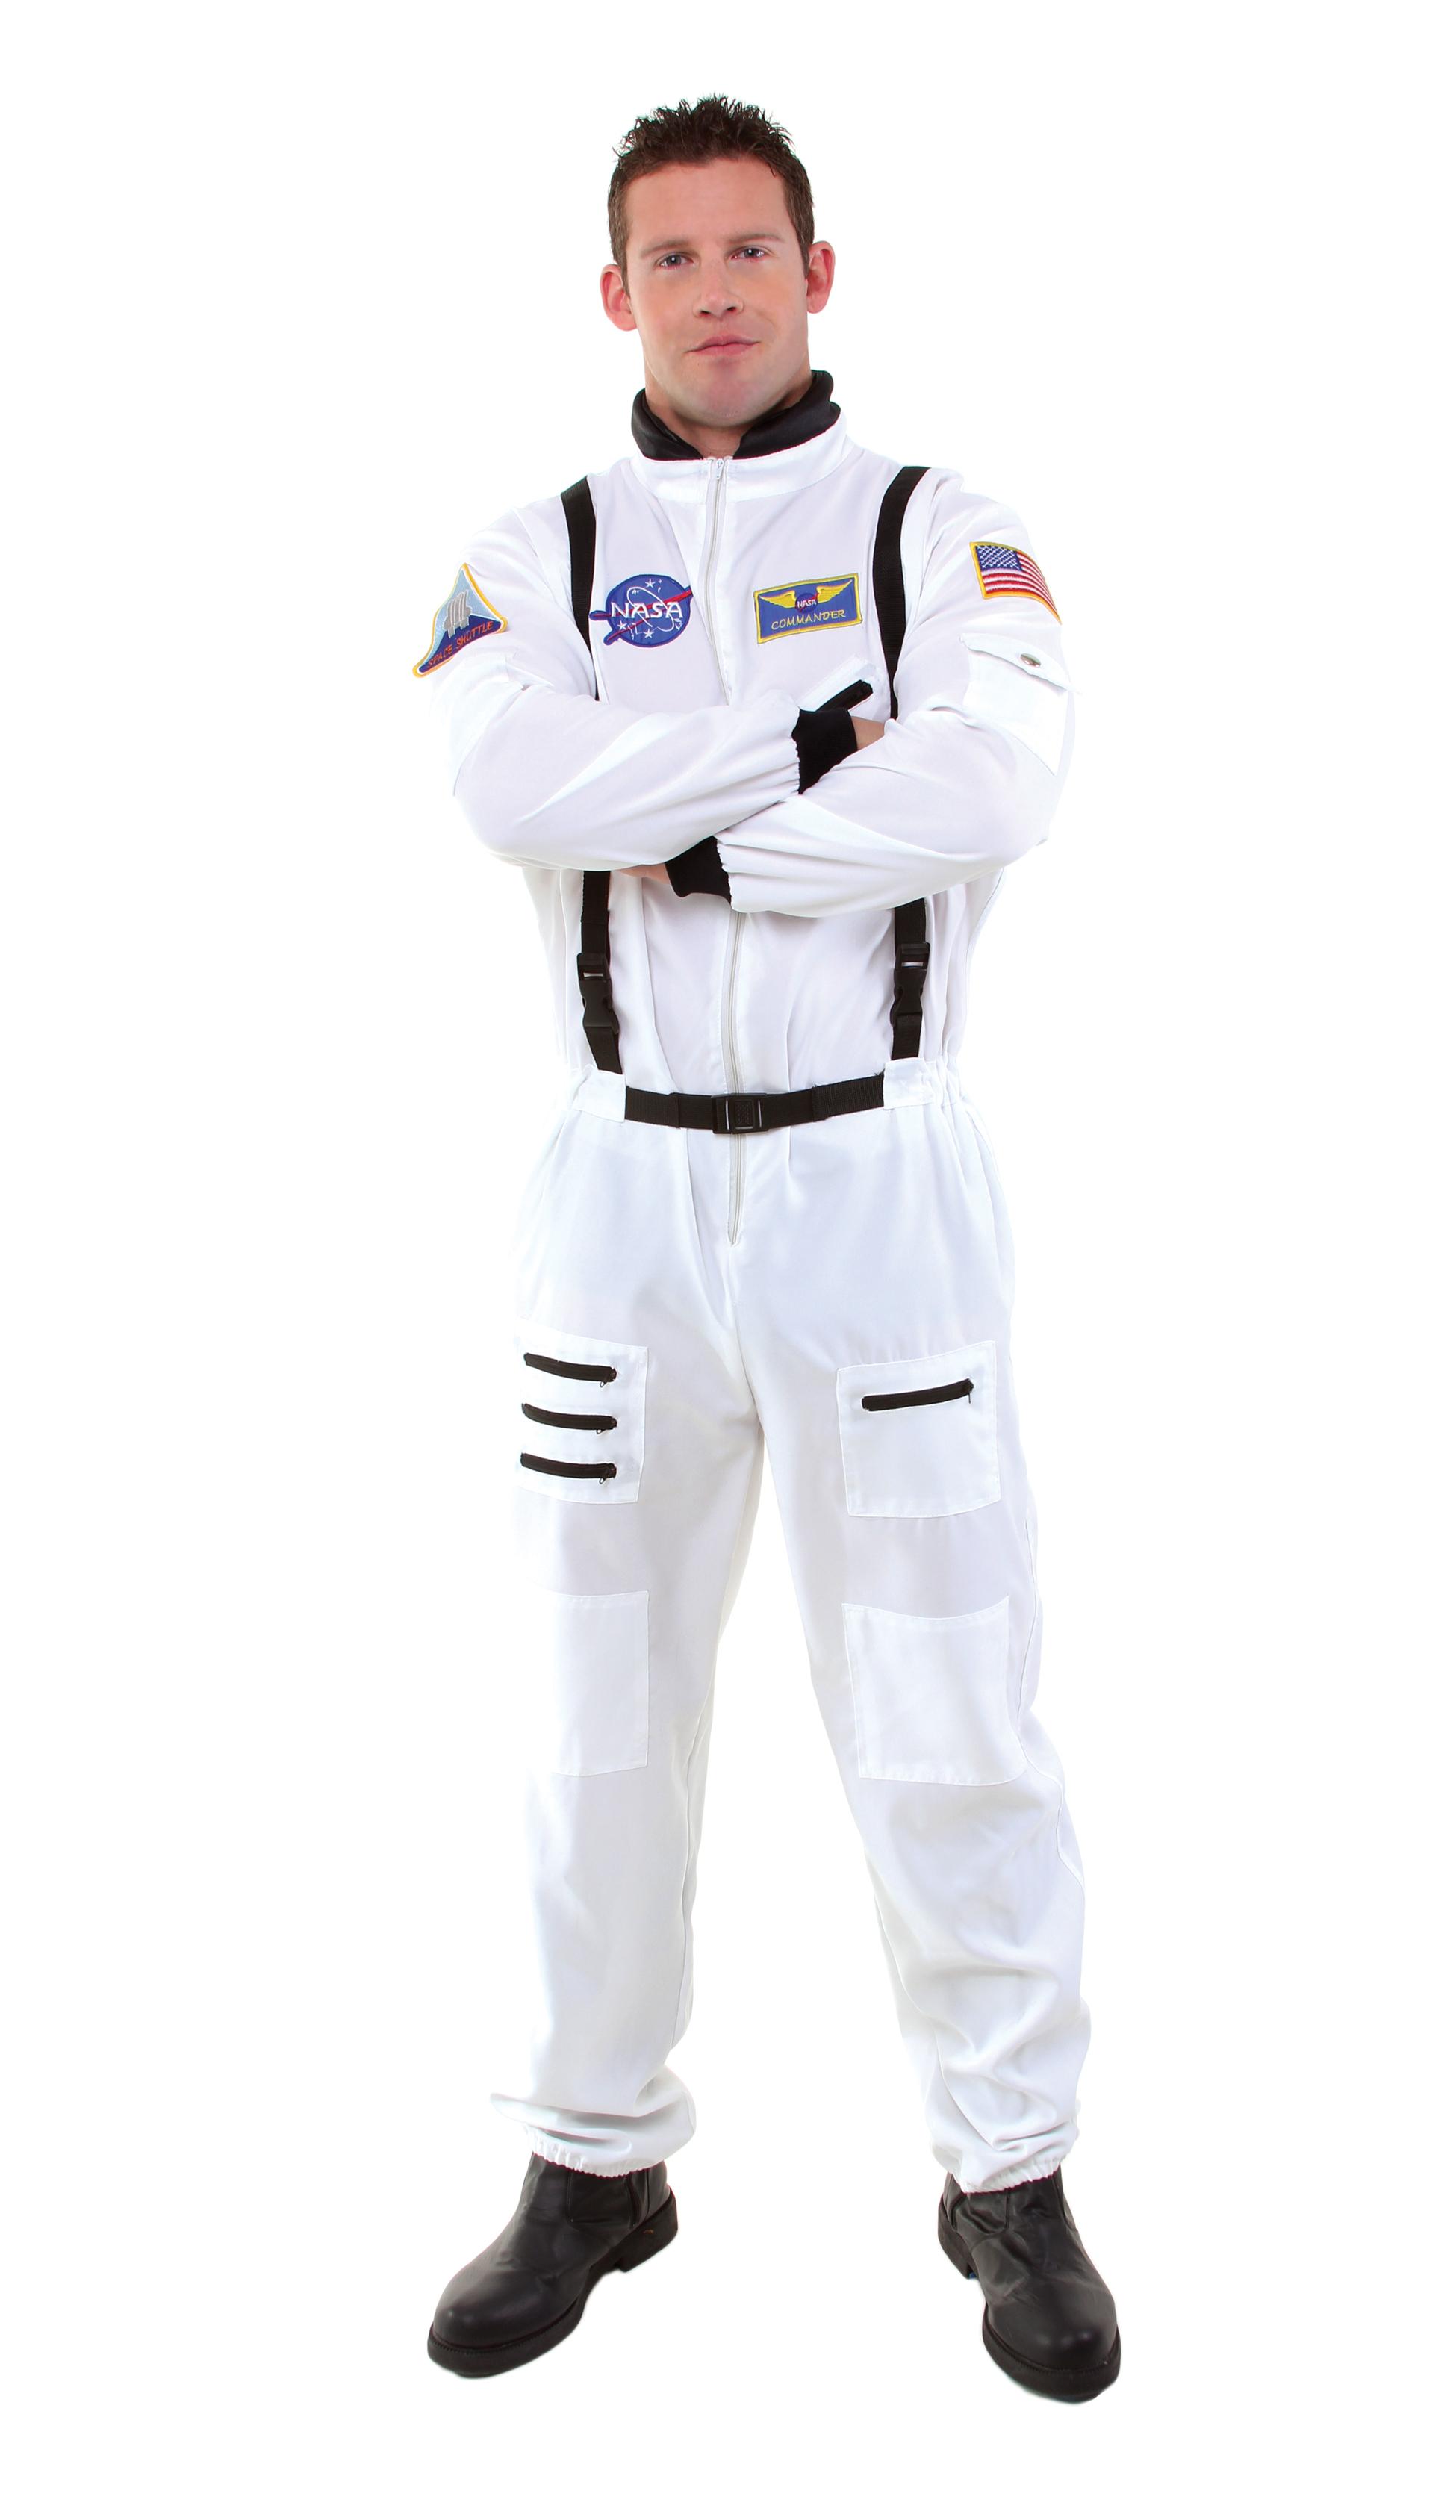 2d7dc019d377 Details about Mens Rocket Astronaut Space Men Adult Jumpsuit Bodysuit Halloween  Costume. Popular Item 1 ...